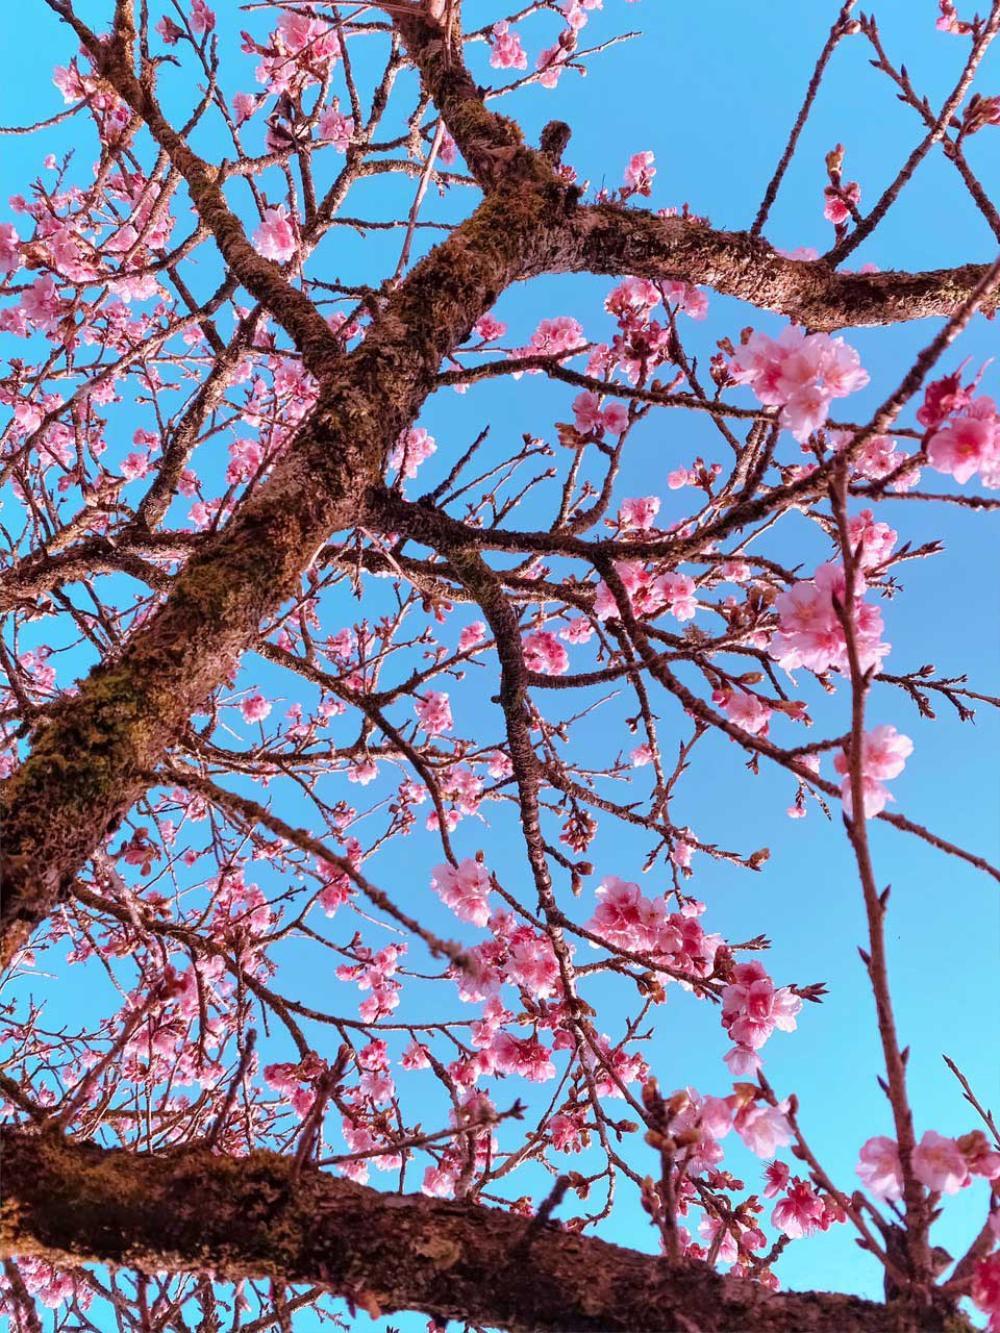 Hoa anh đào nở tuyệt đẹp giữa tiết trời giá lạnh ở Sa Pa Ảnh 6